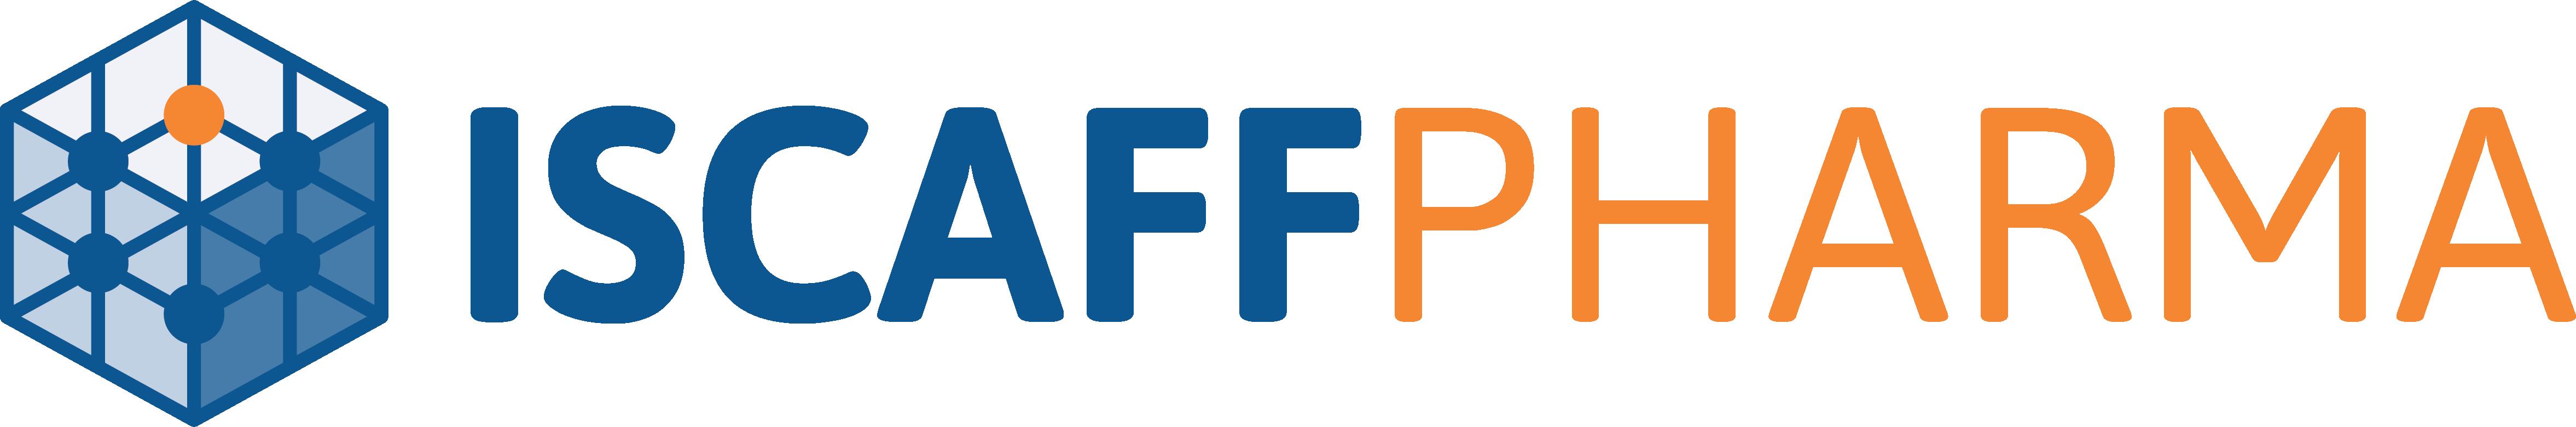 iscaff-logo-01